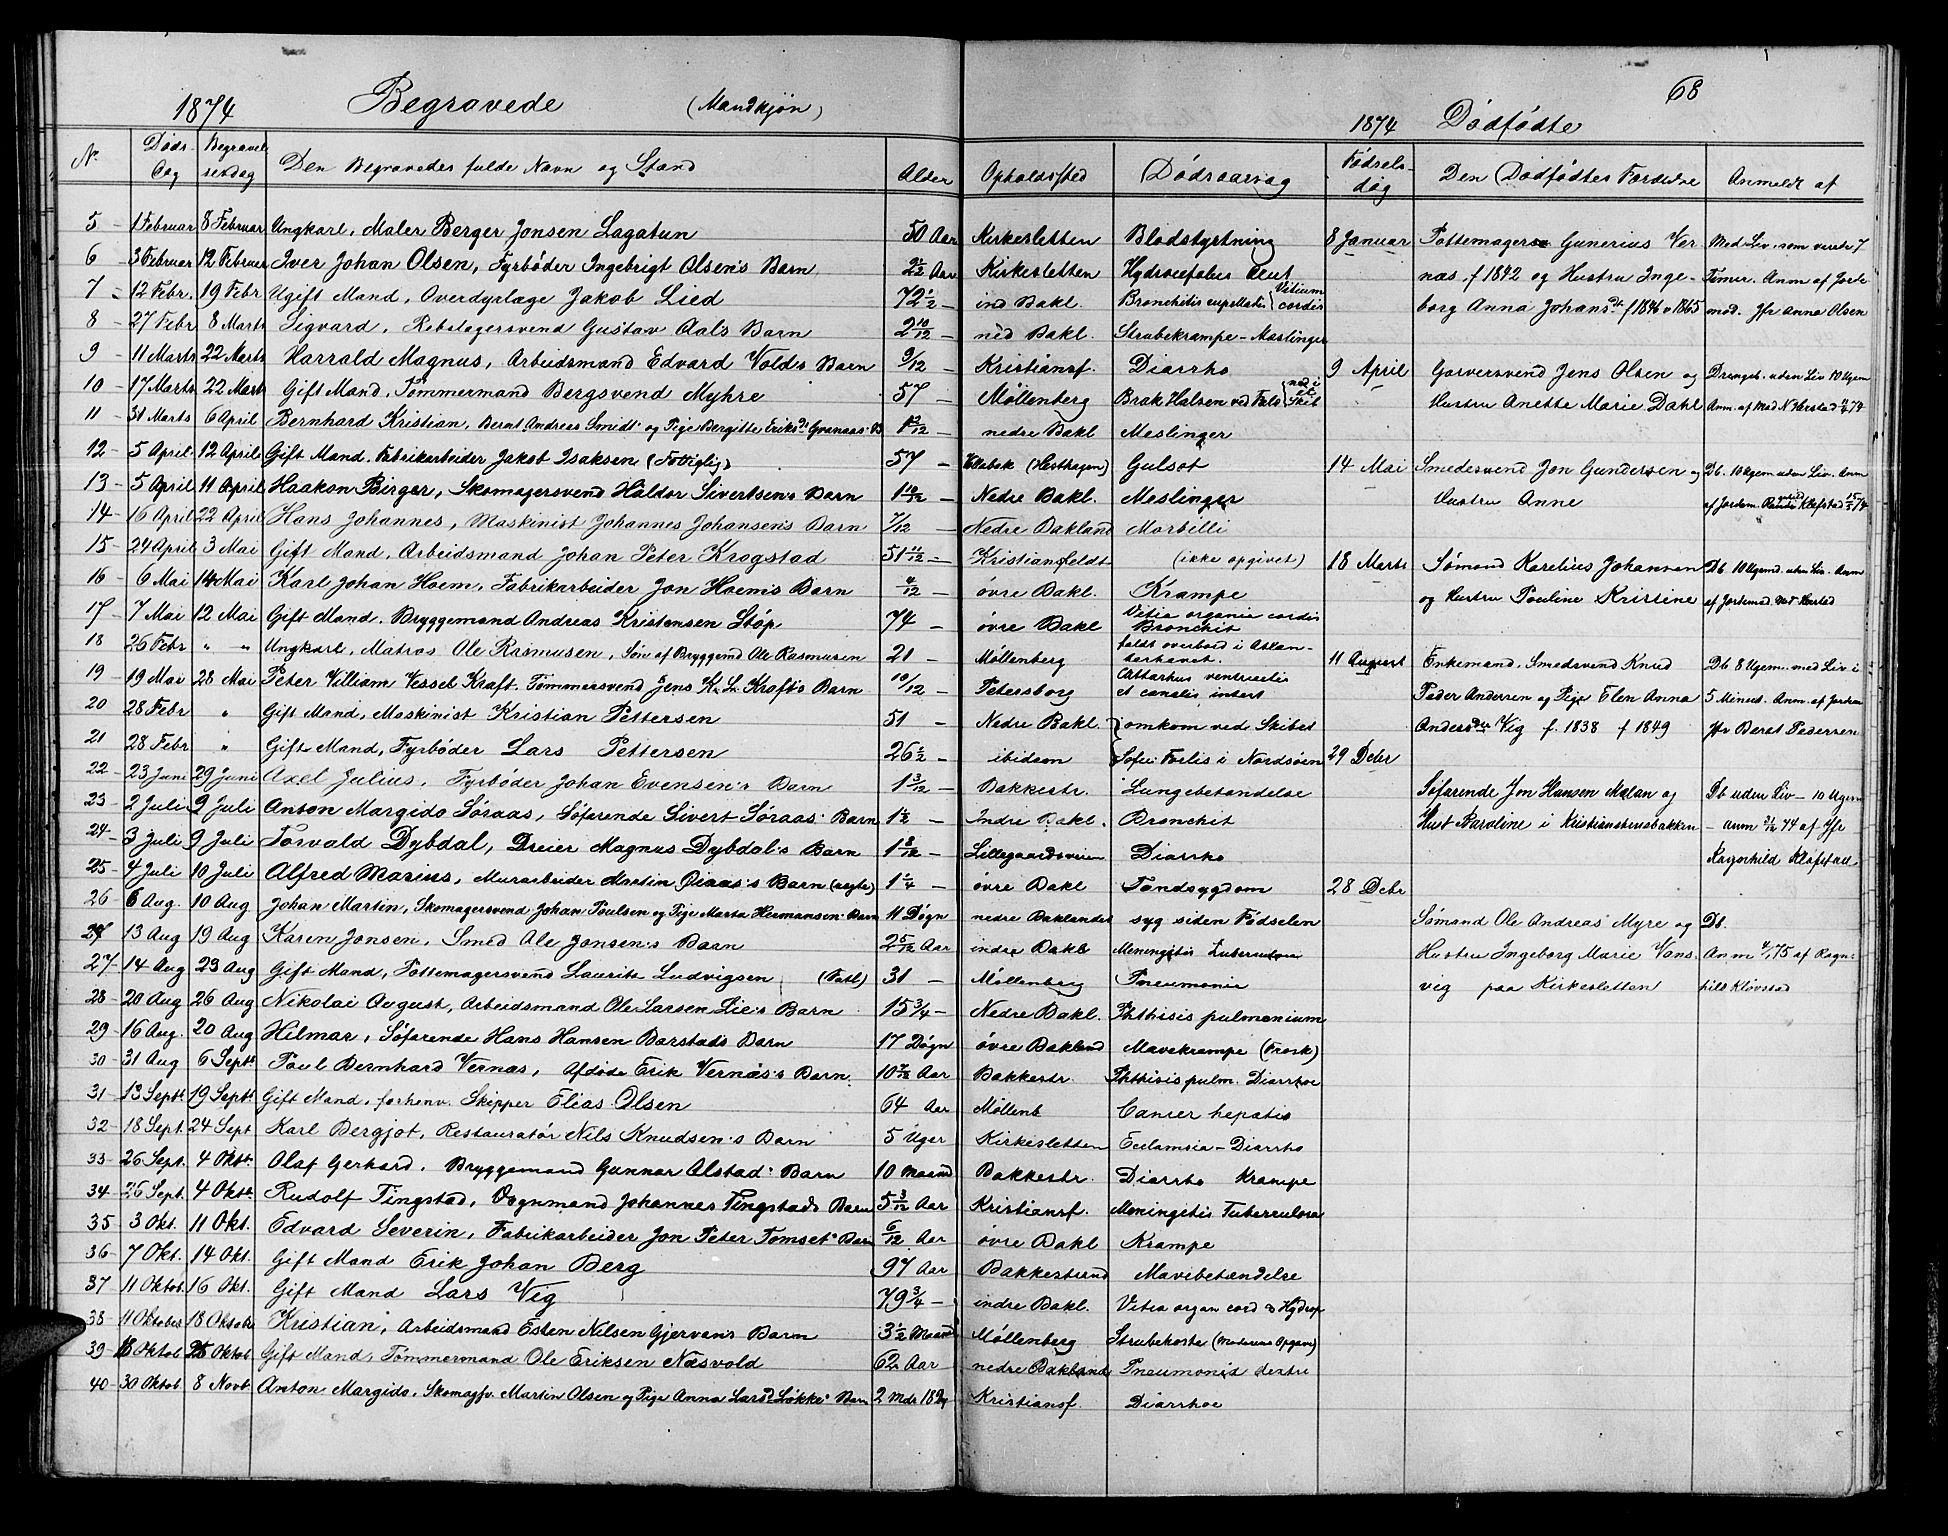 SAT, Ministerialprotokoller, klokkerbøker og fødselsregistre - Sør-Trøndelag, 604/L0221: Klokkerbok nr. 604C04, 1870-1885, s. 68